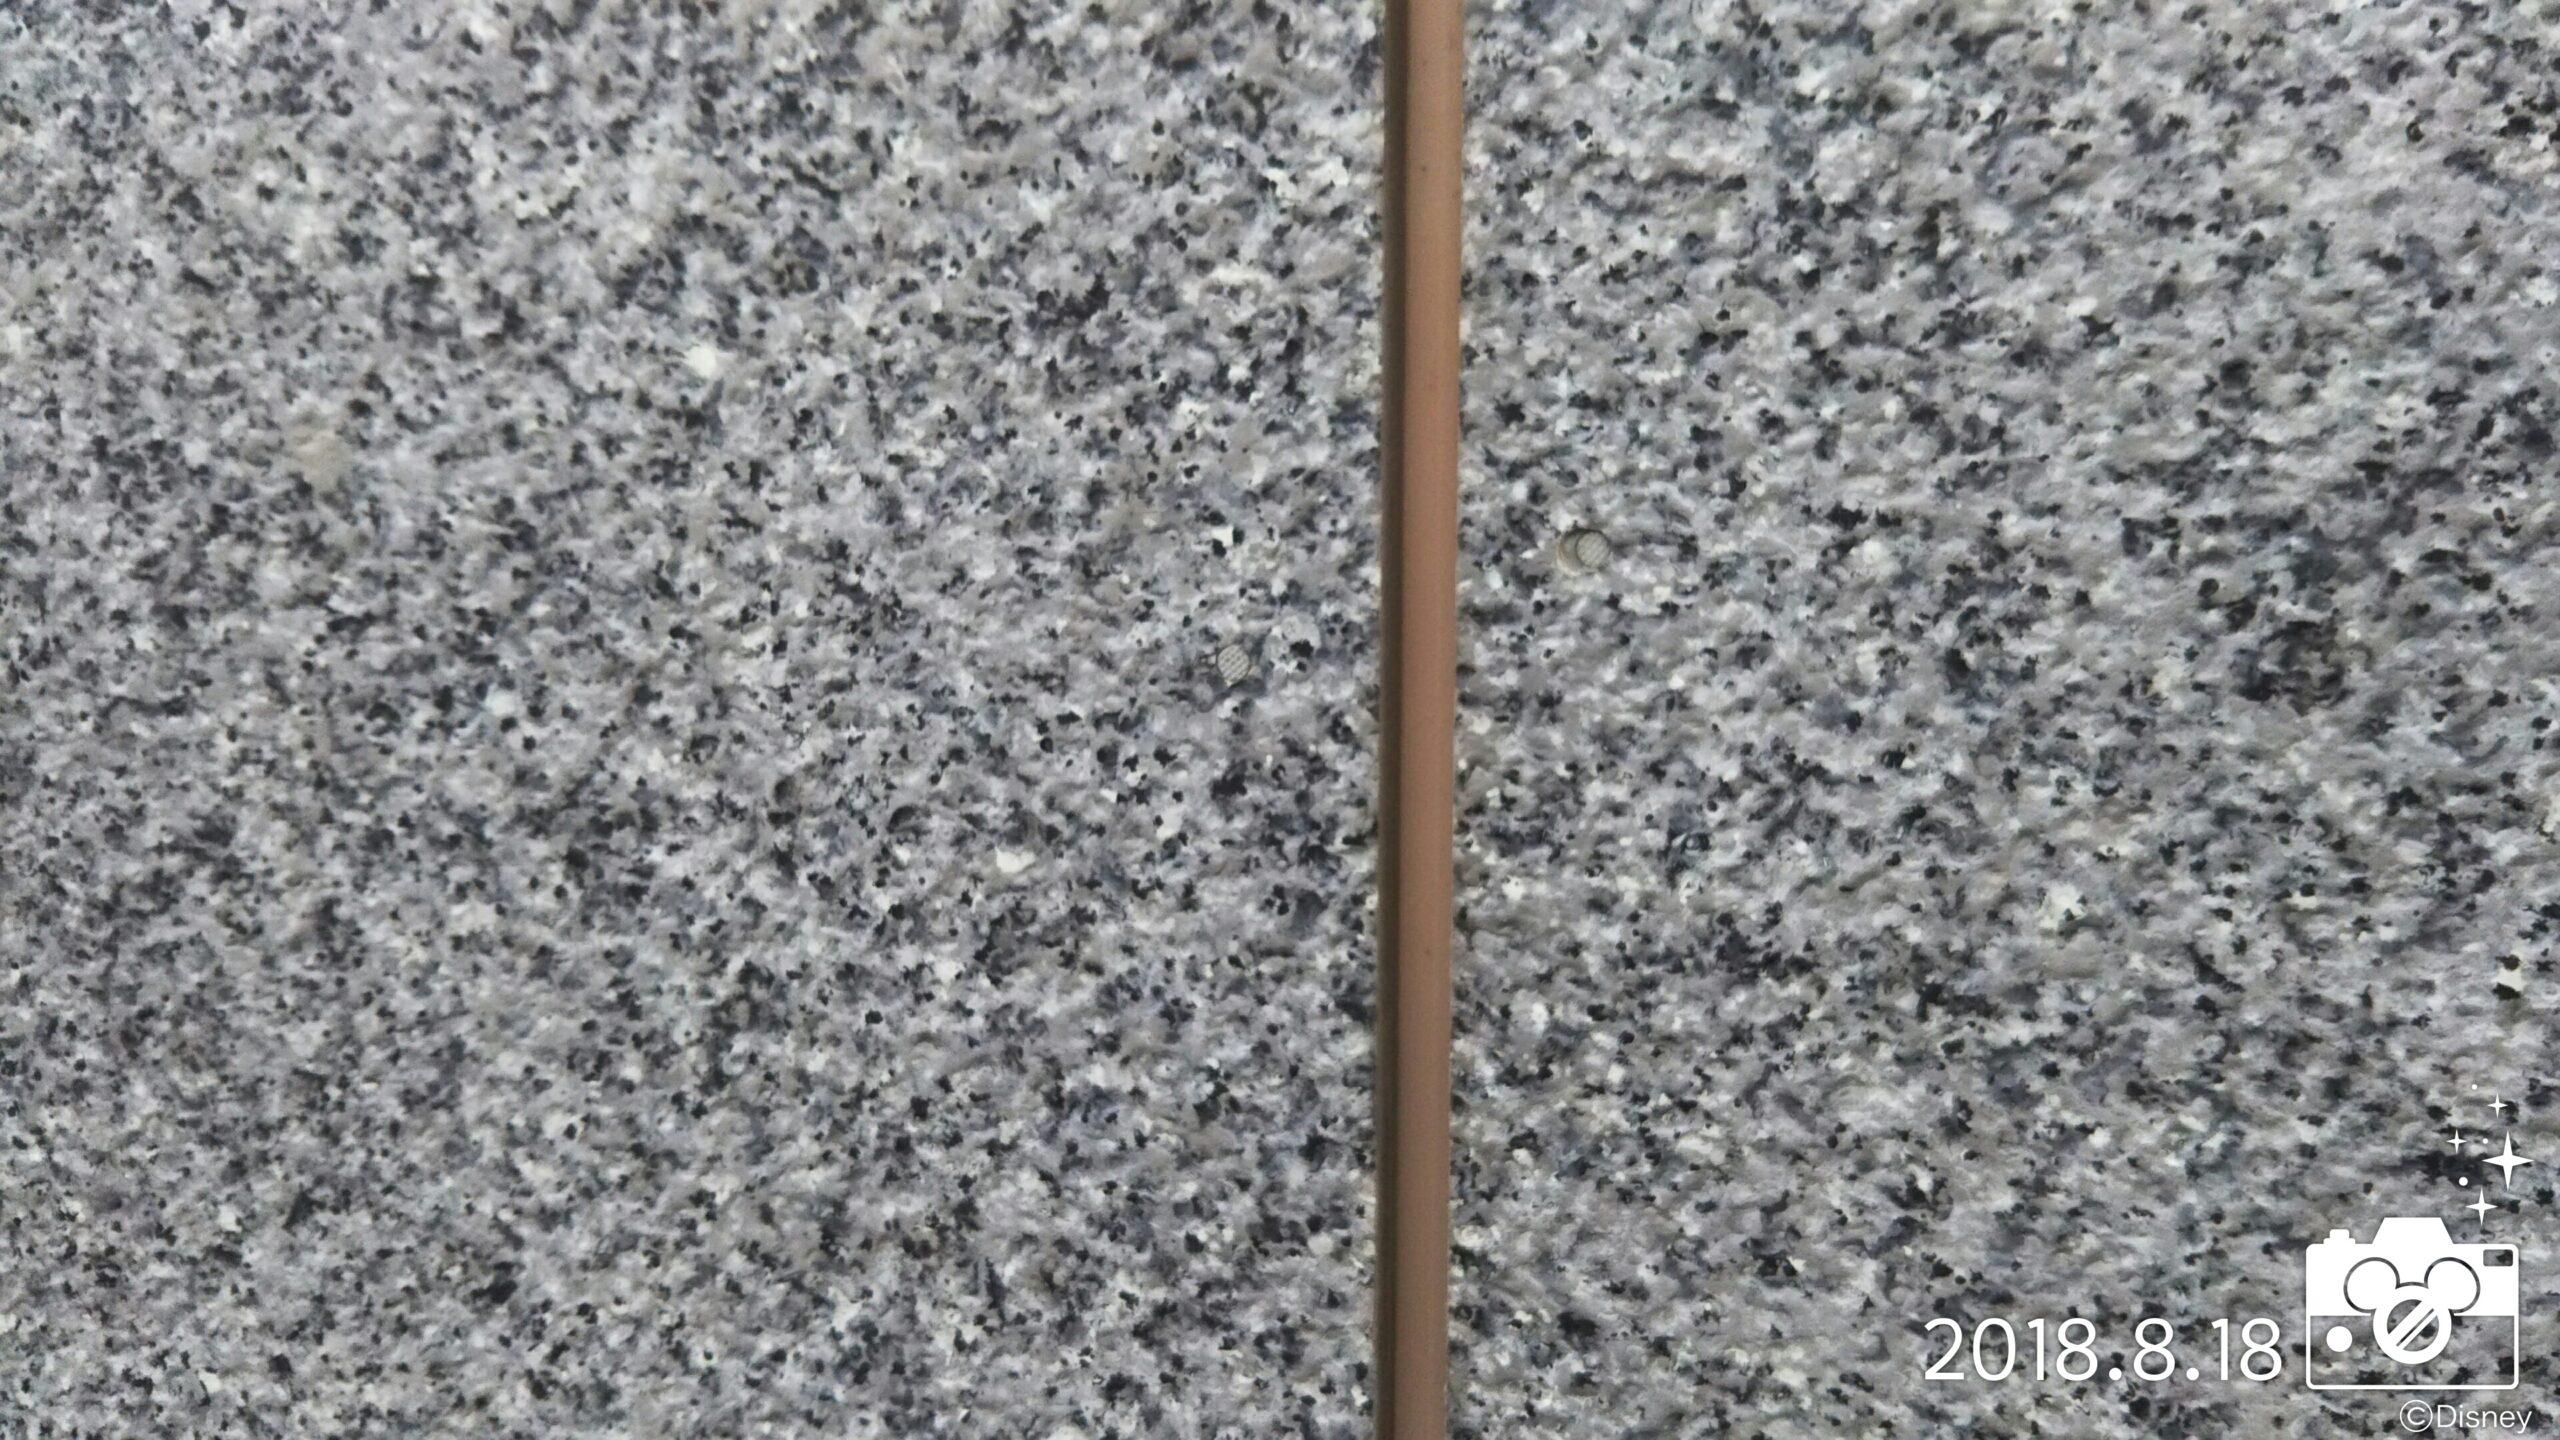 埼玉県さいたま市 外壁塗装の為のコーキングの打ち替え・養生|さいたま市桜区のI様邸にて塗り替えリフォーム中